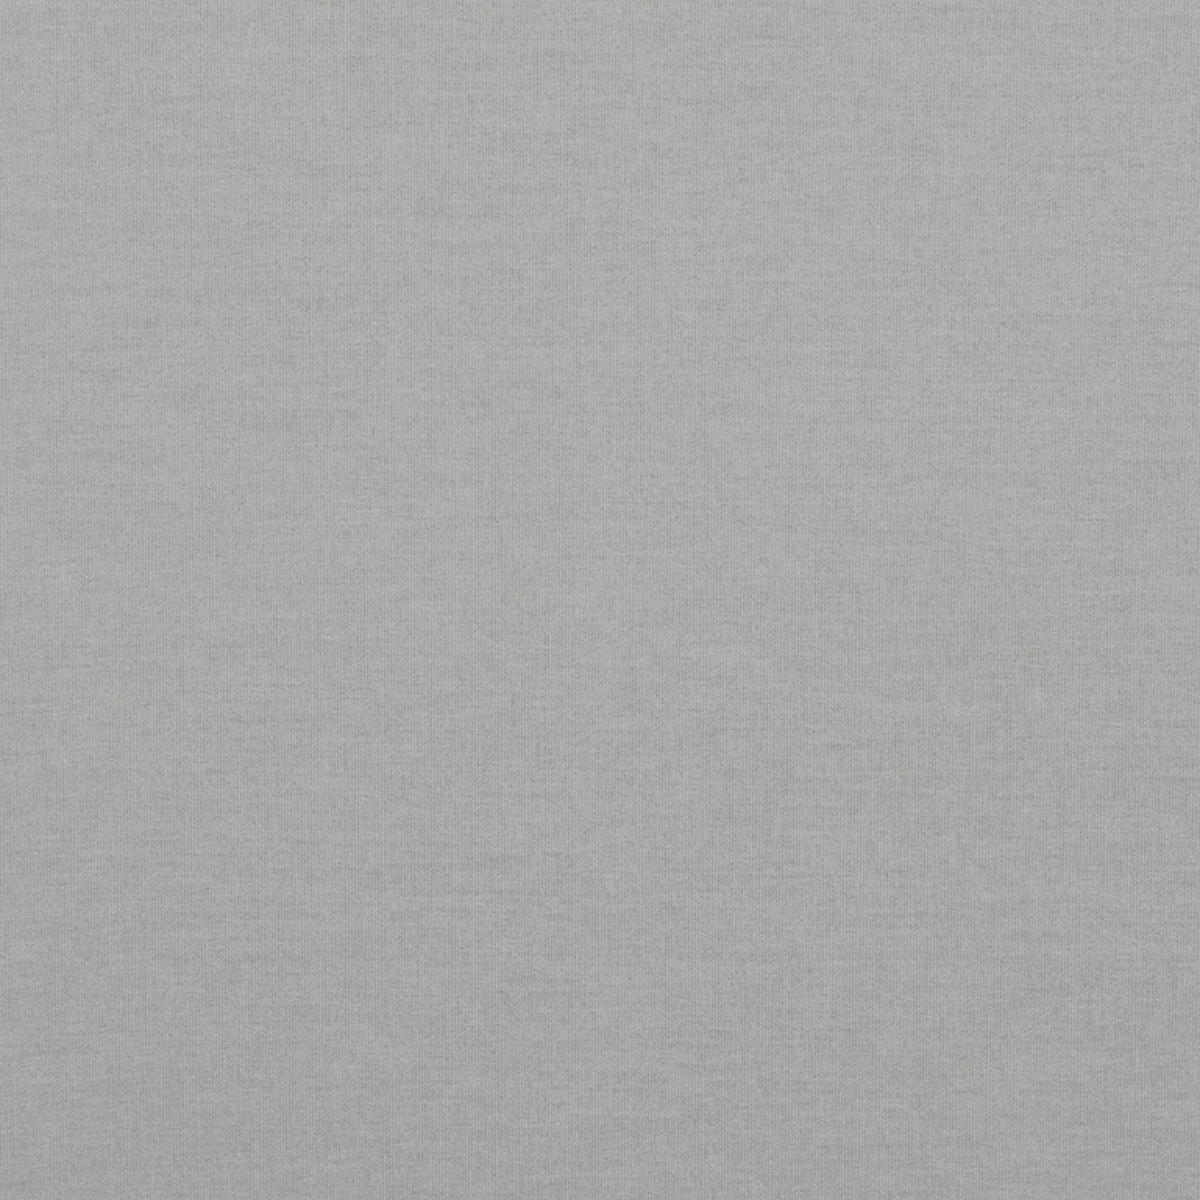 Rullgardinsväv Carina 4934